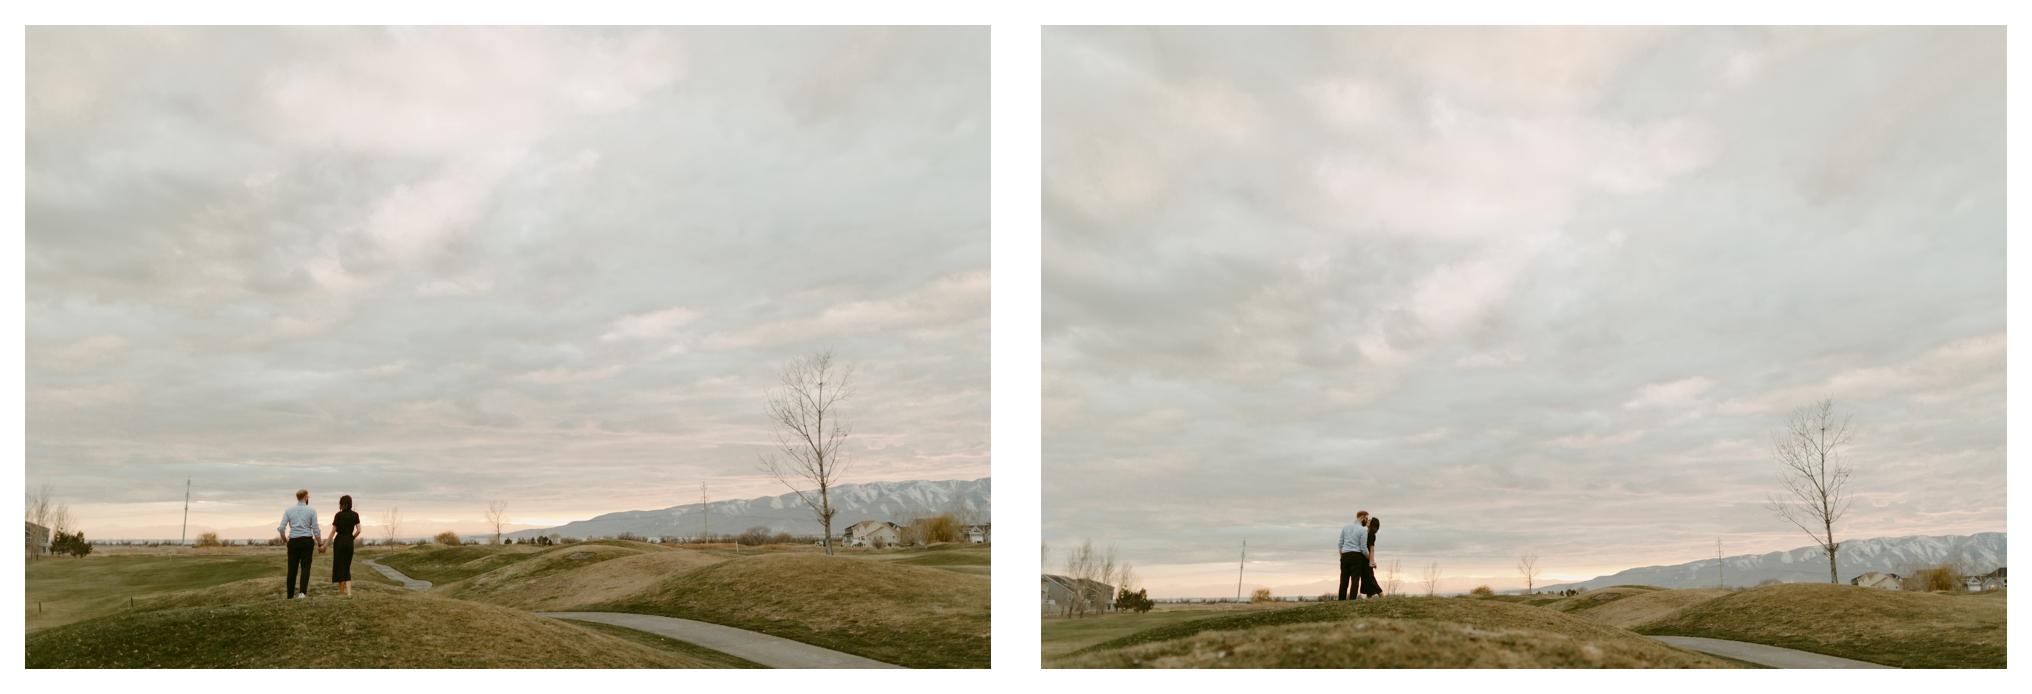 2018-03-25_0036.jpg